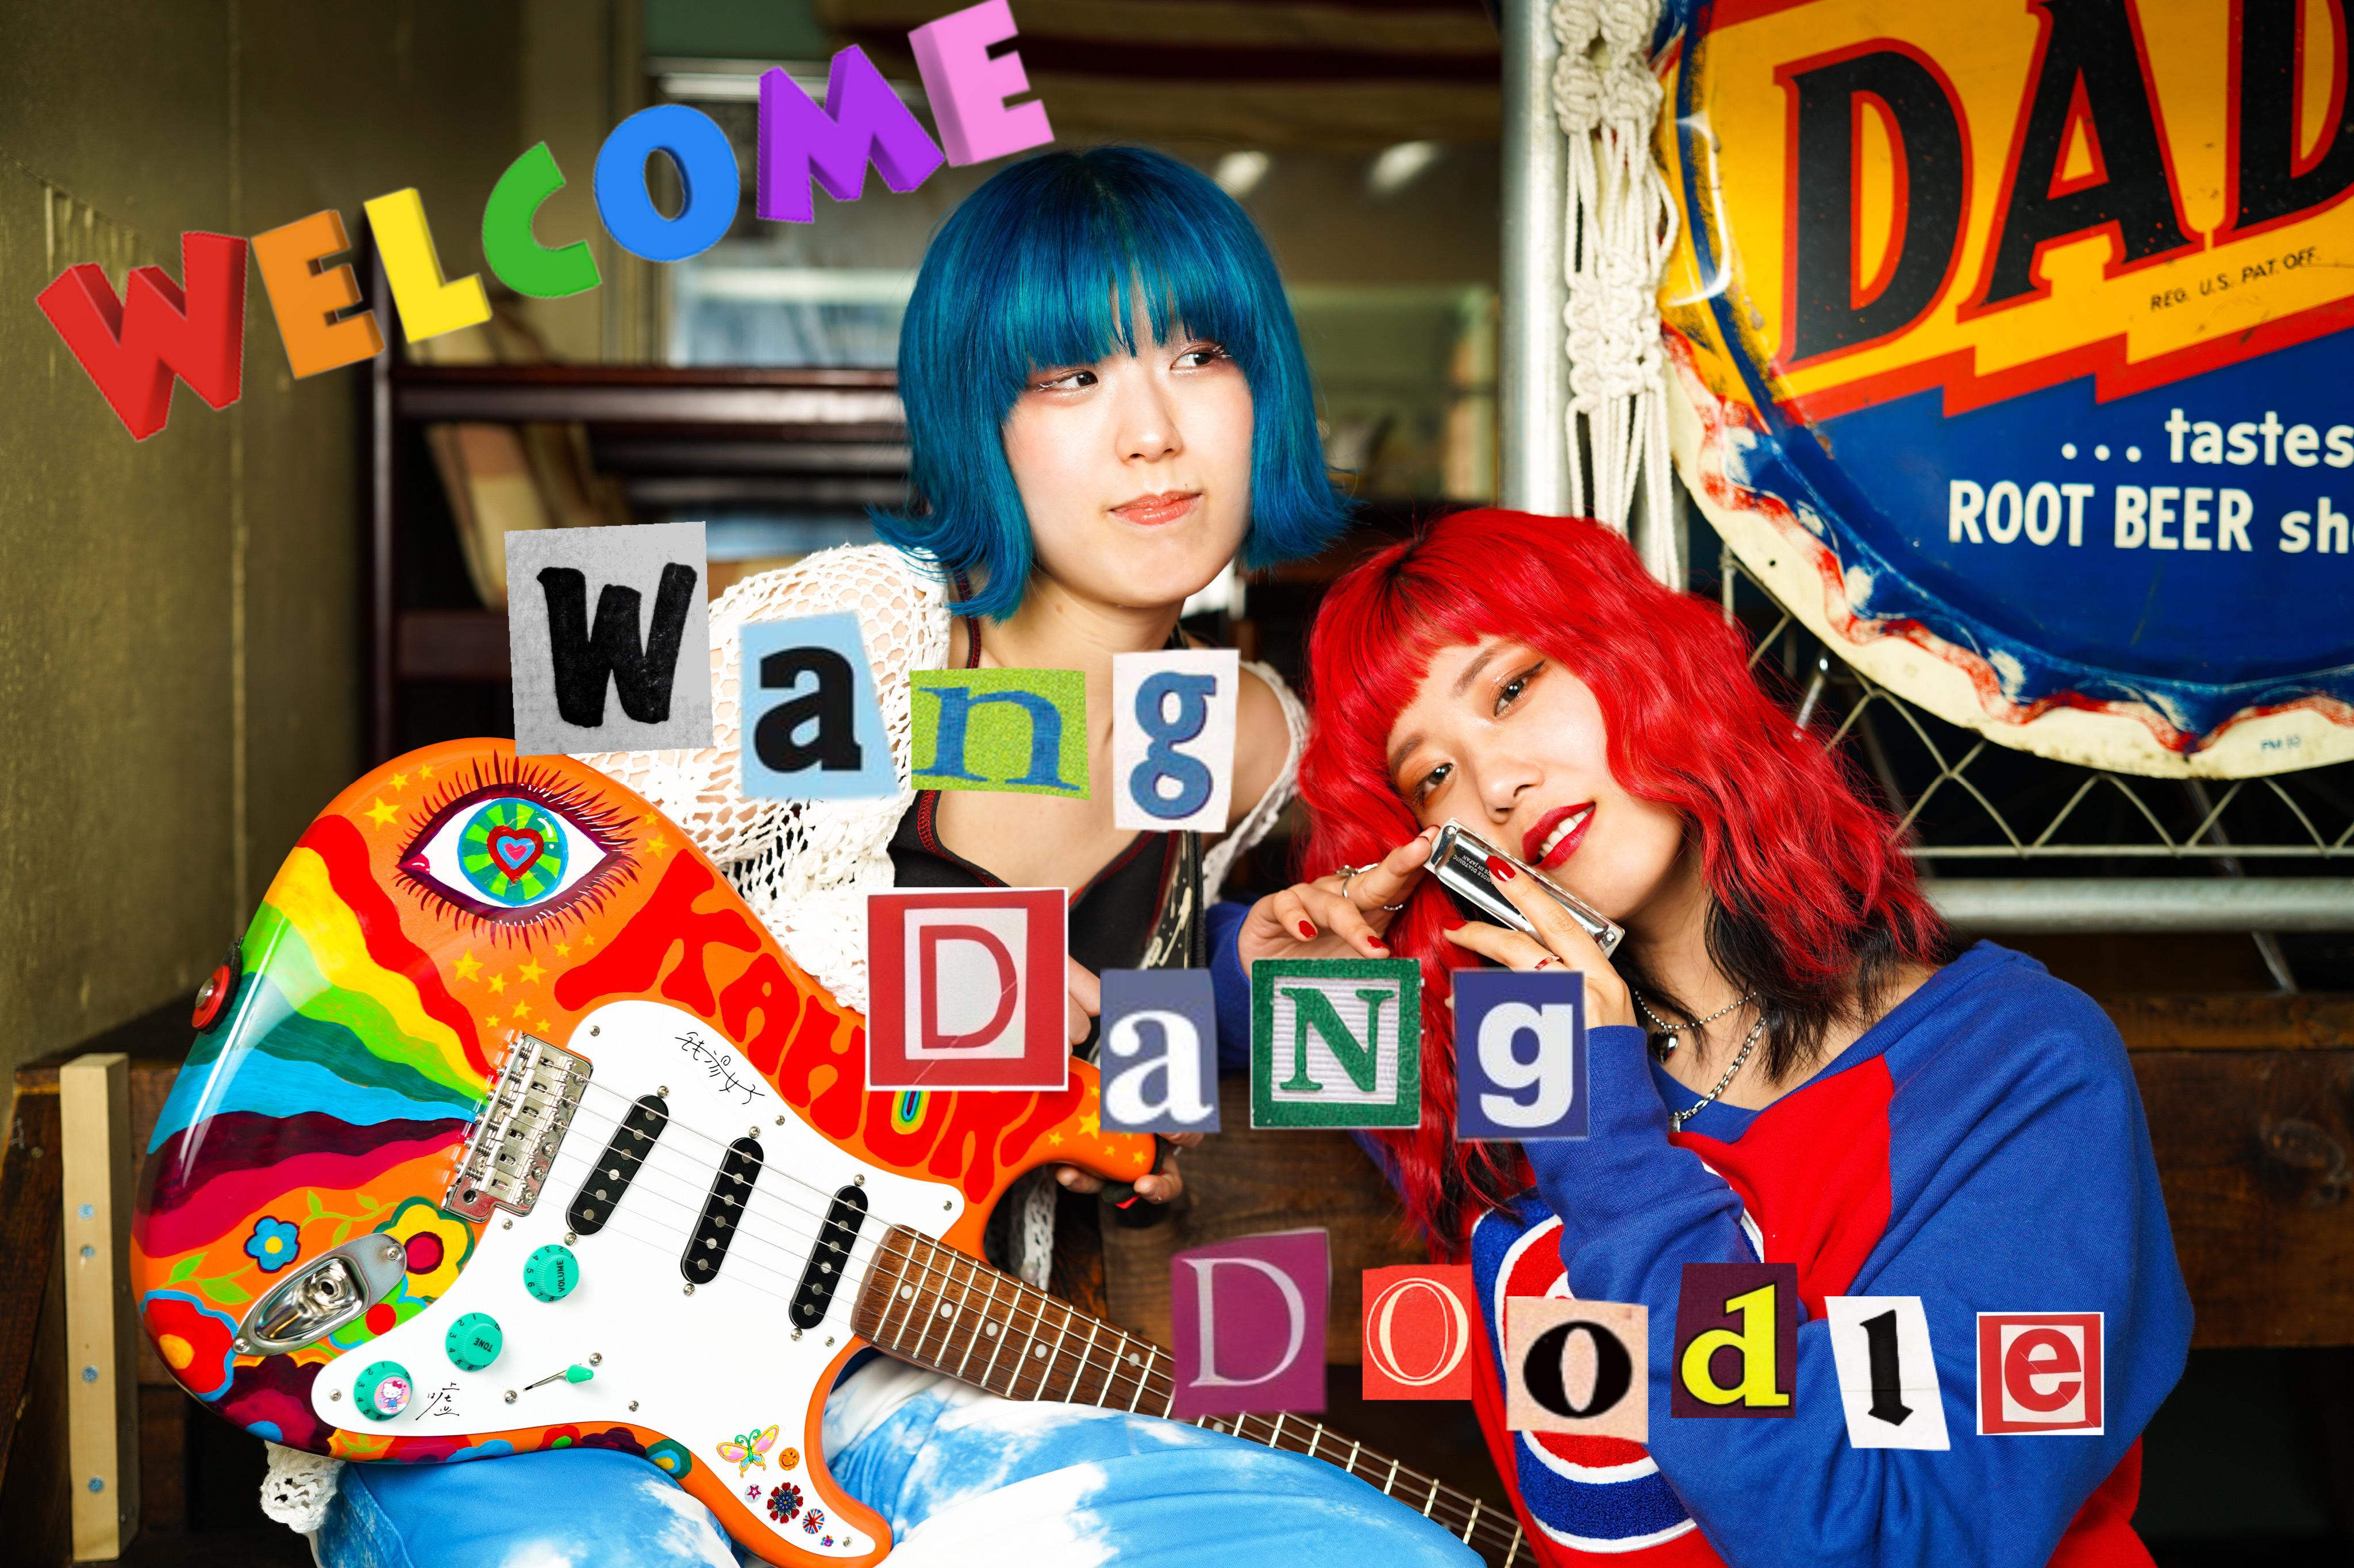 Wang Dang Doodle再始動にあたっての初期資金を集める!!